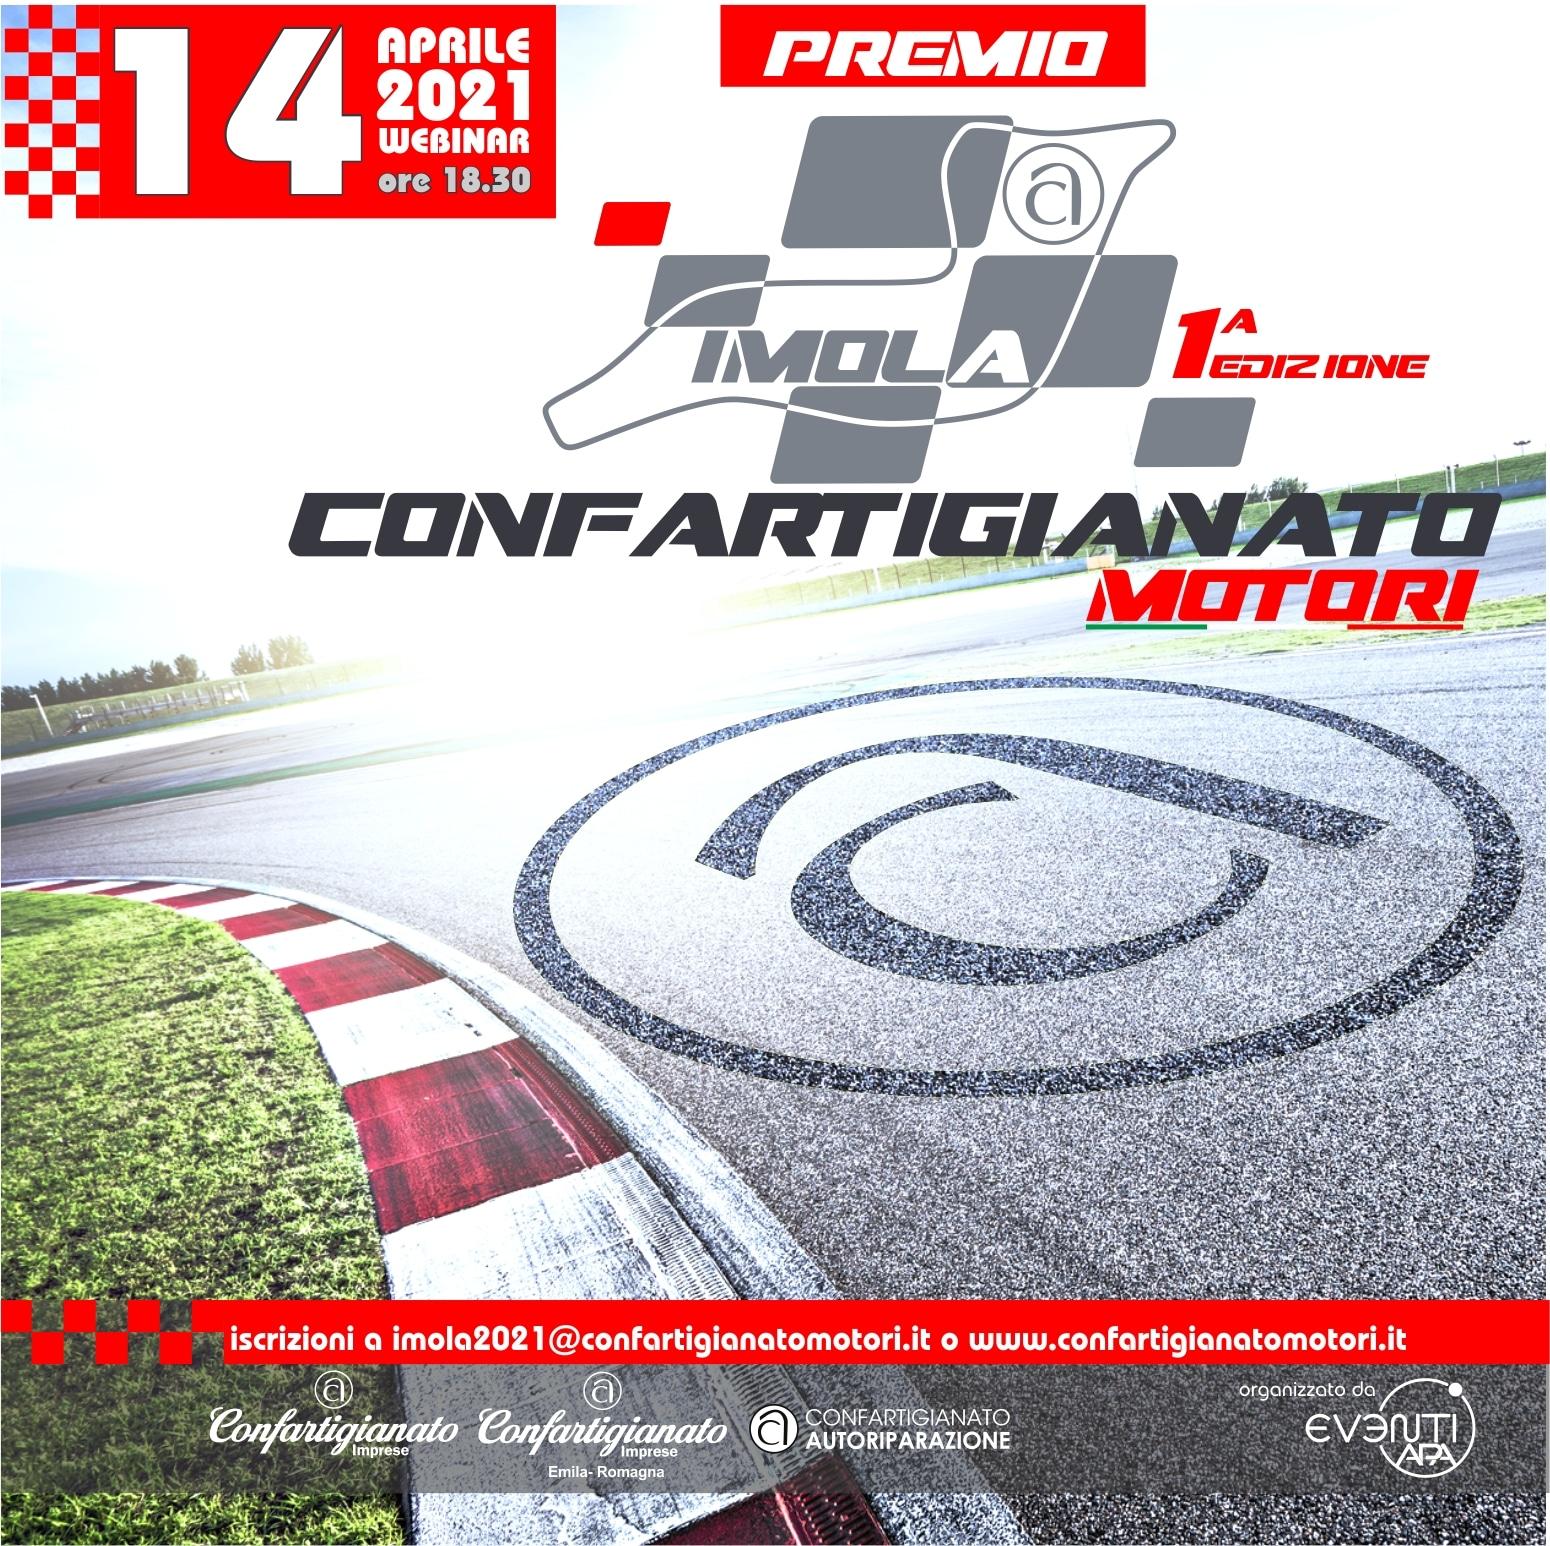 Gran Premio Imola 2021 Formula 1 Confartigianato Autoriparazione